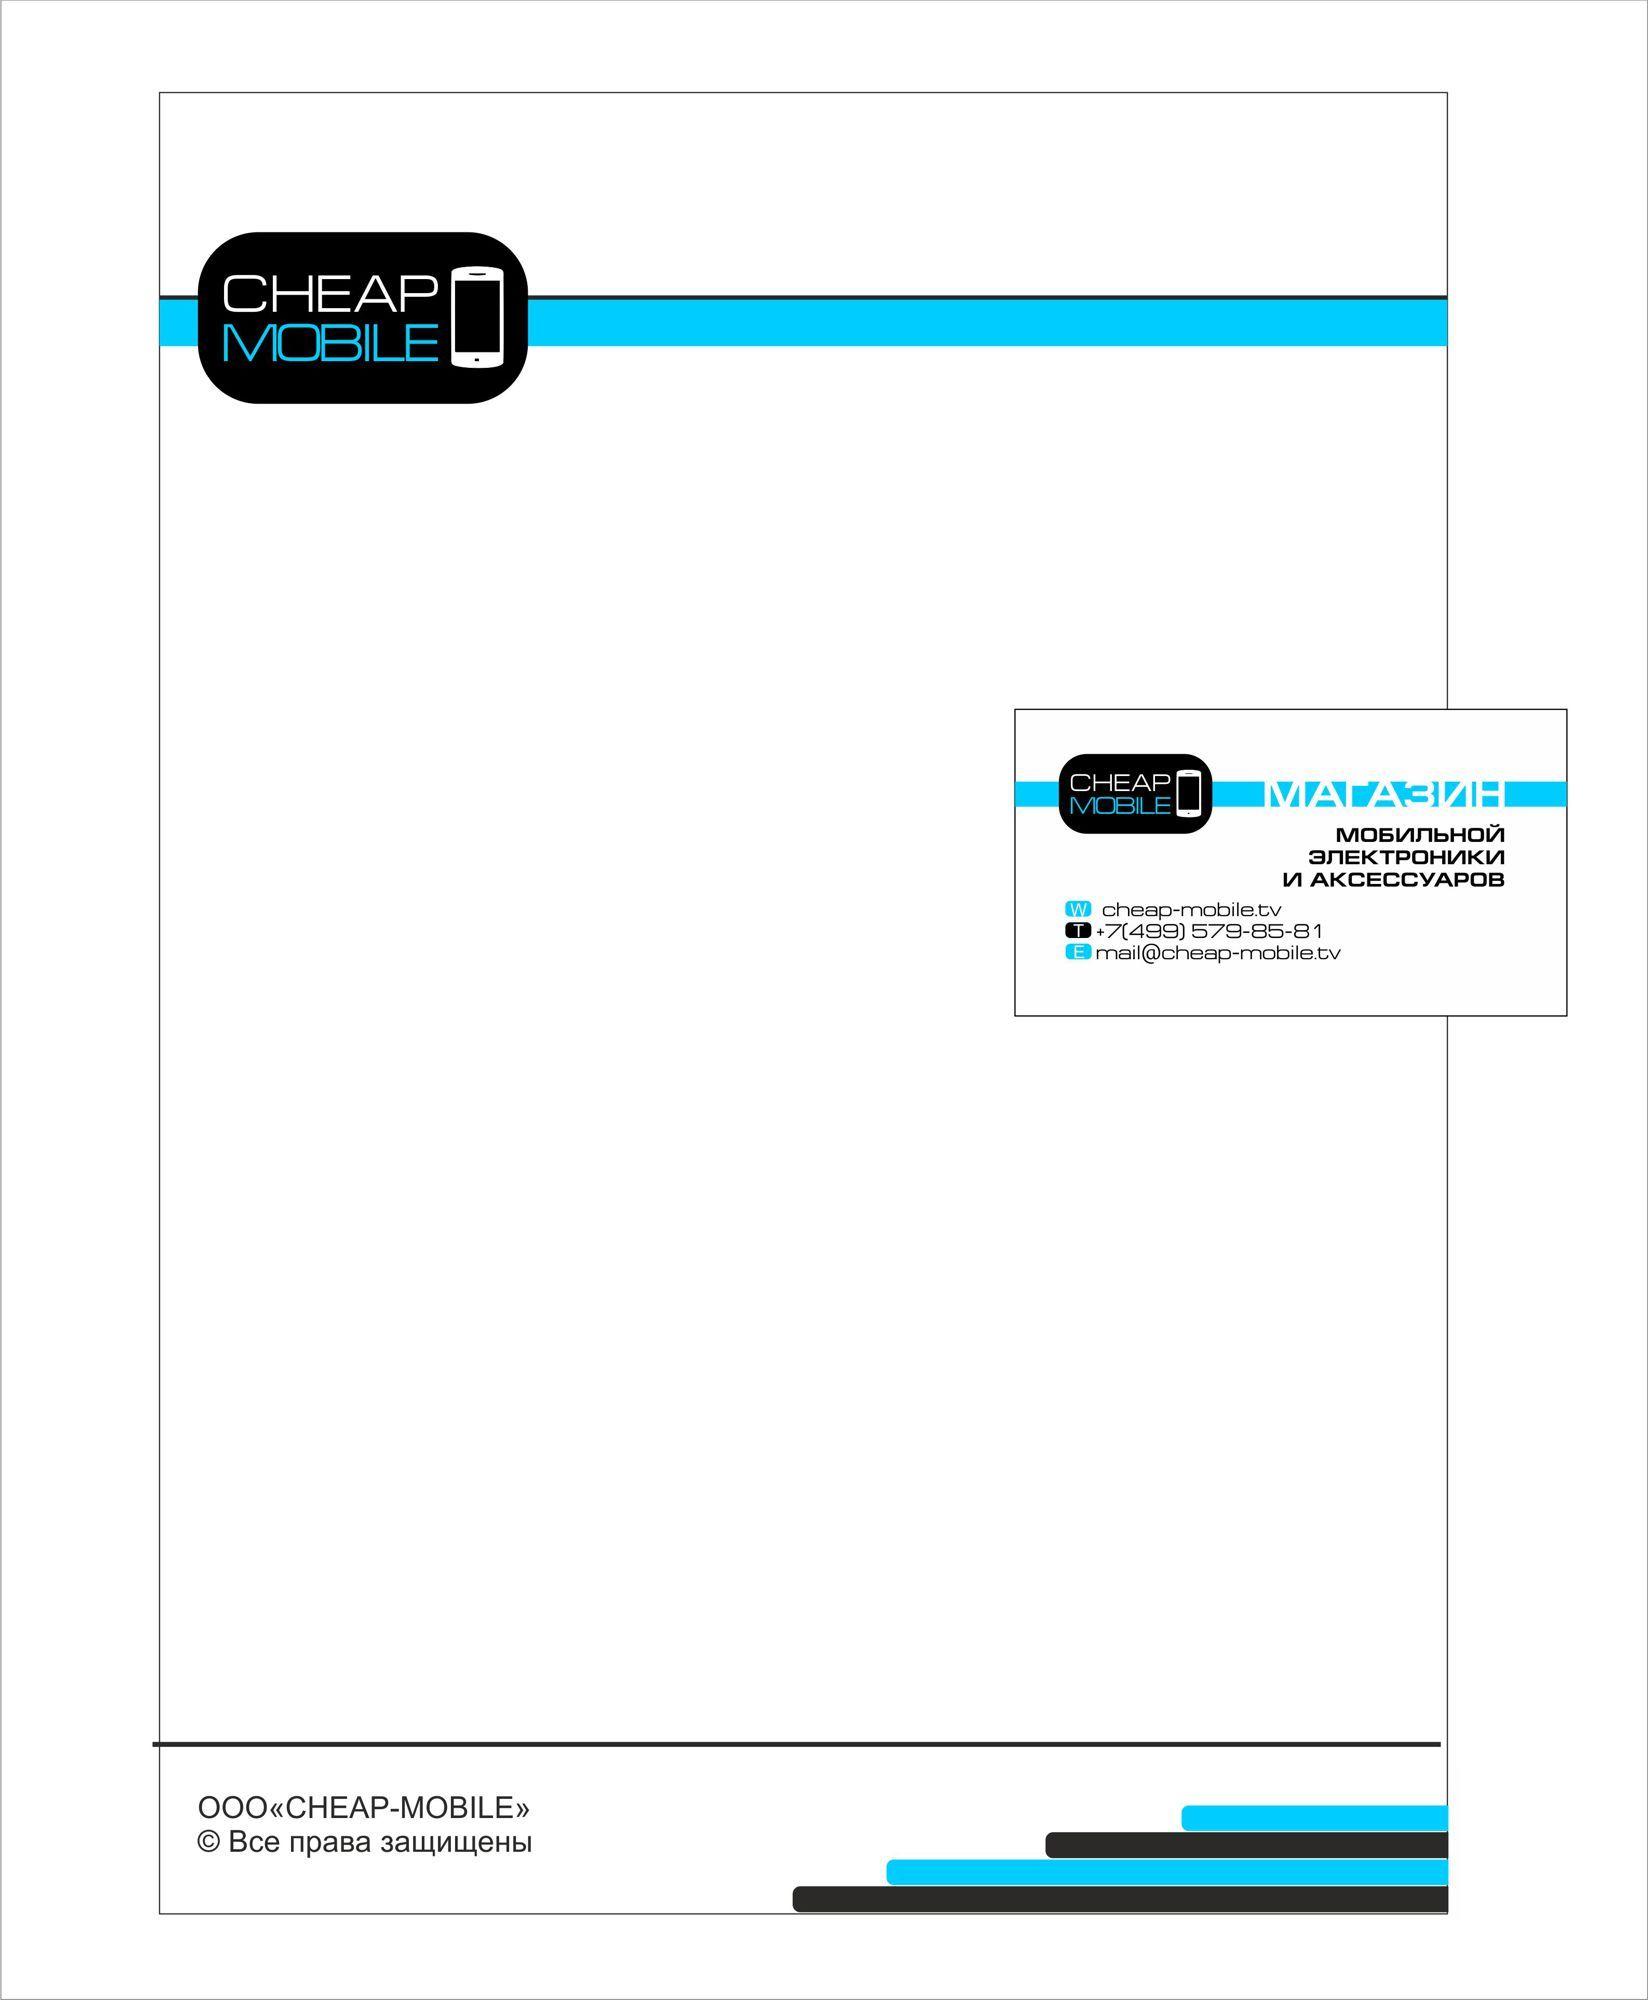 Лого и фирменный стиль для ИМ (Мобильные телефоны) - дизайнер hactyxa